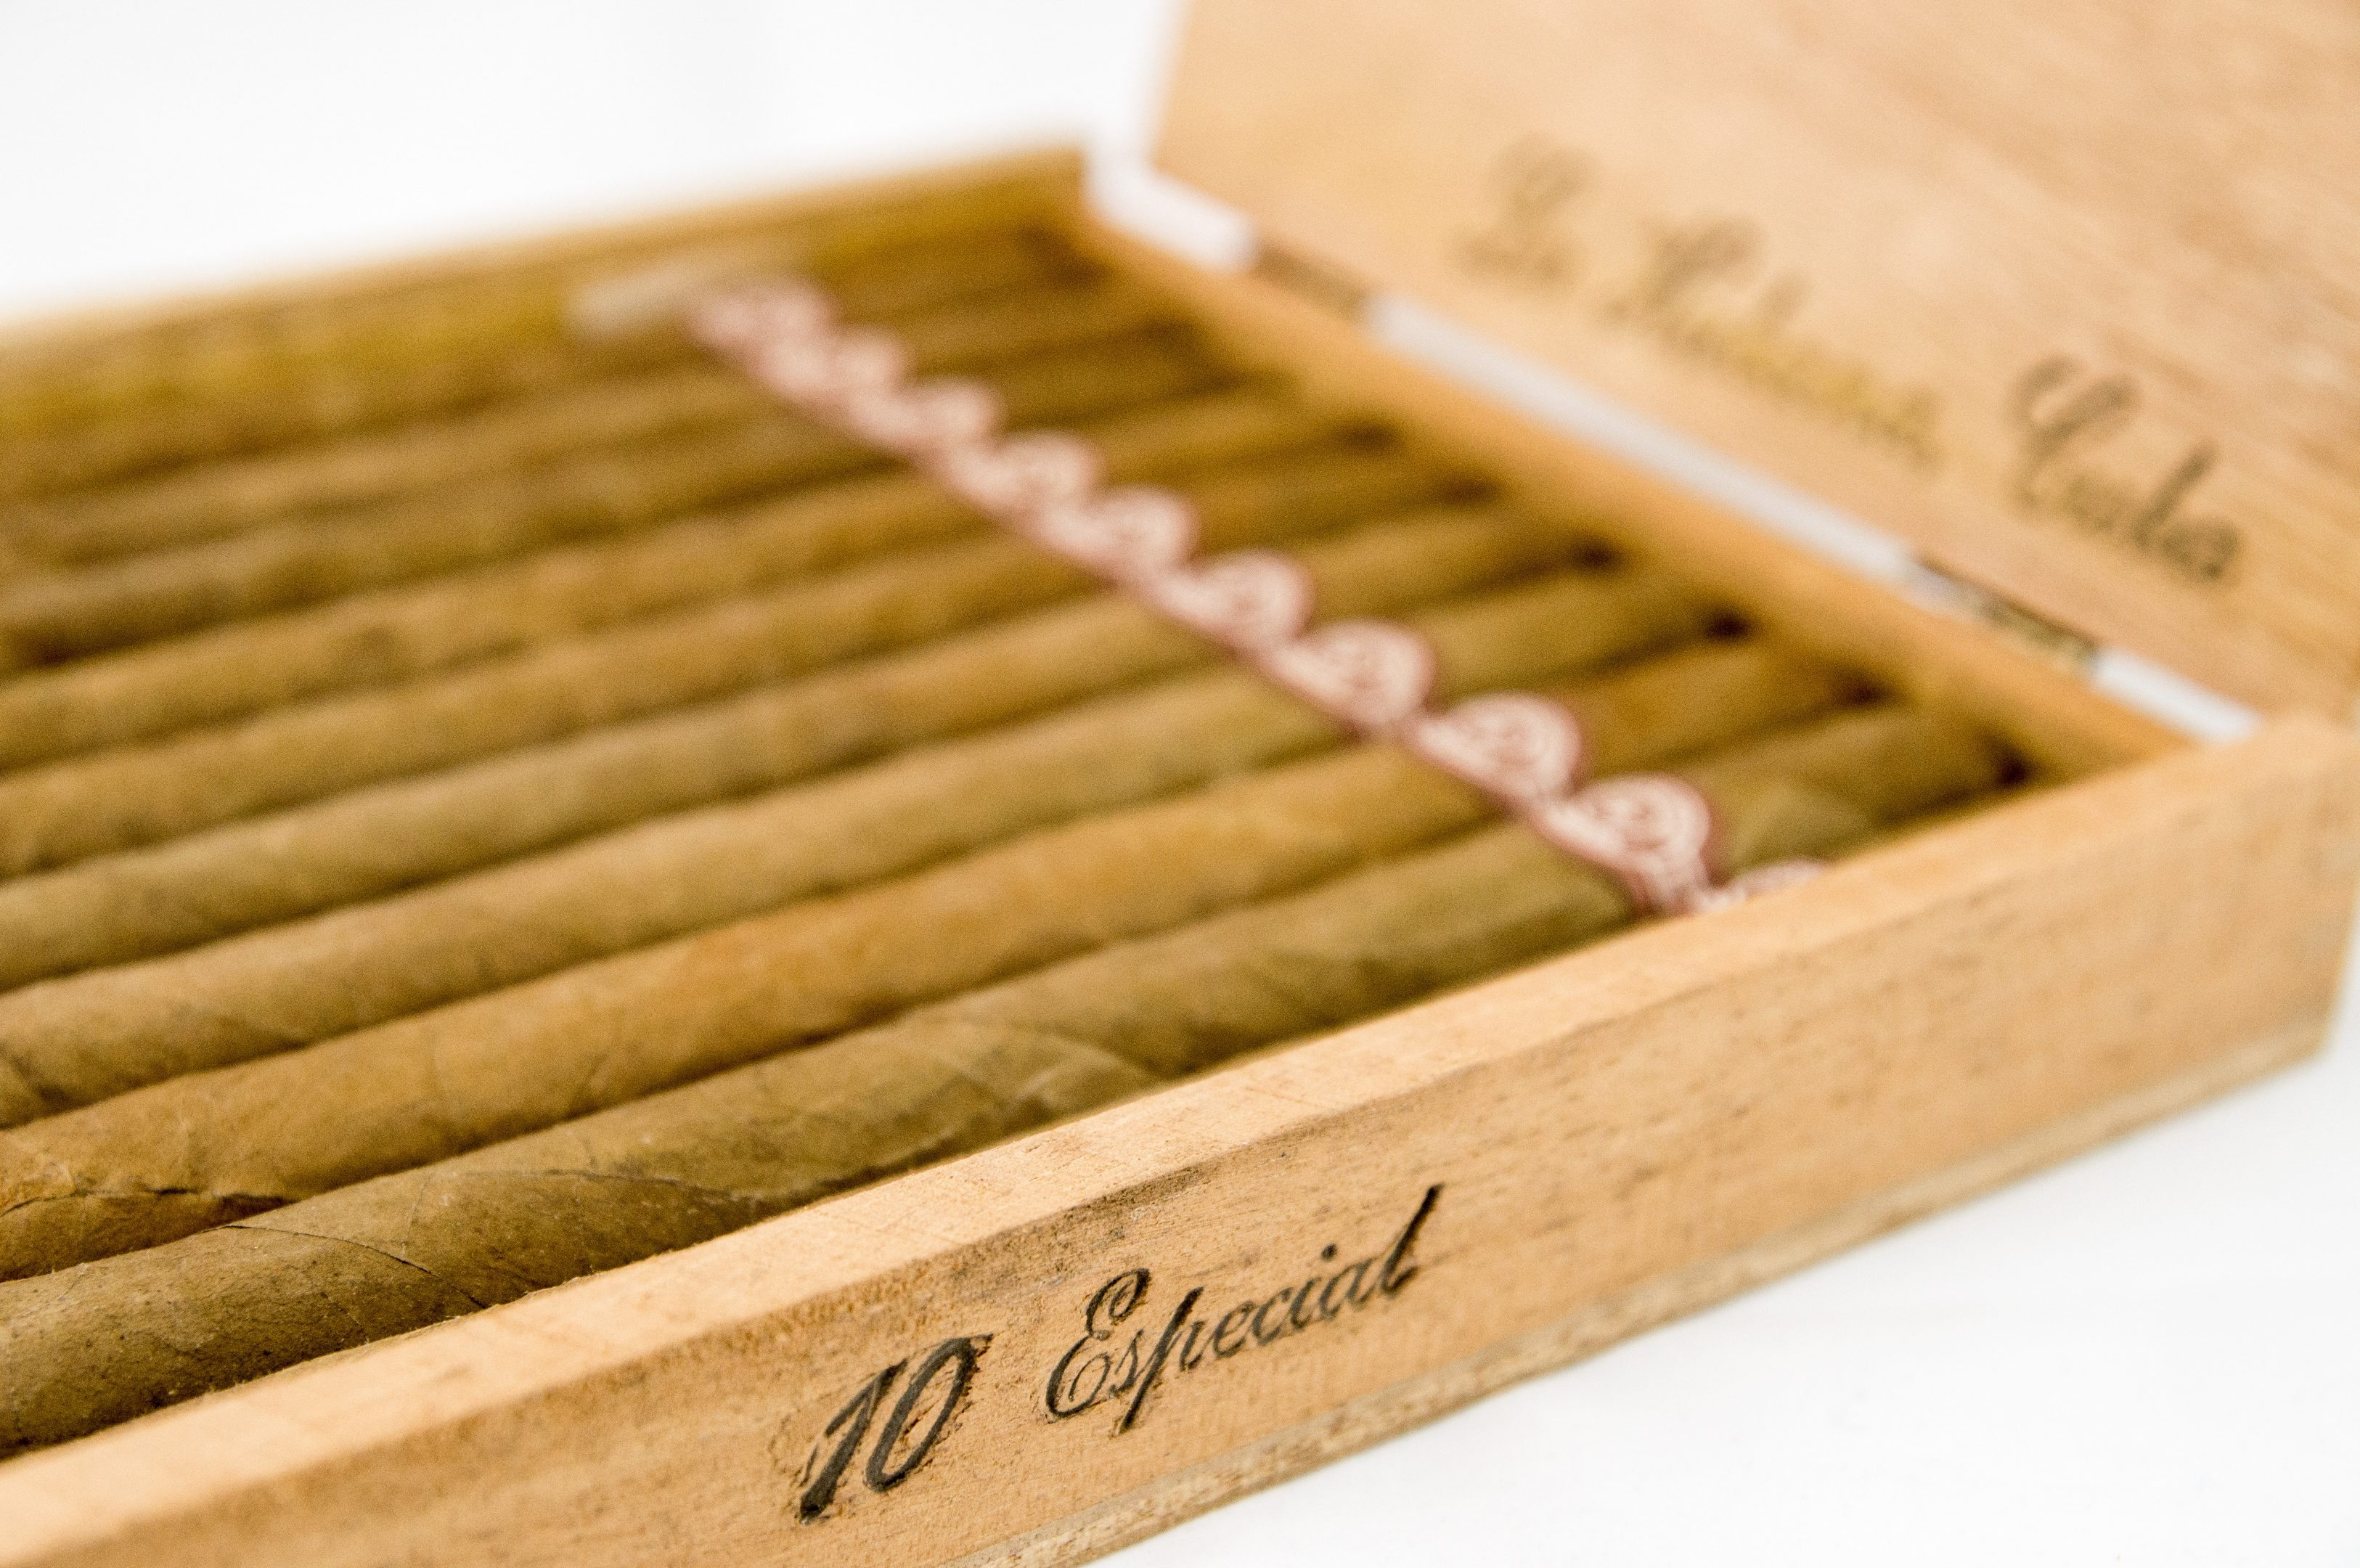 Quick Cigar Review: Montecristo (Cuba) Especial No. 1 (1984)